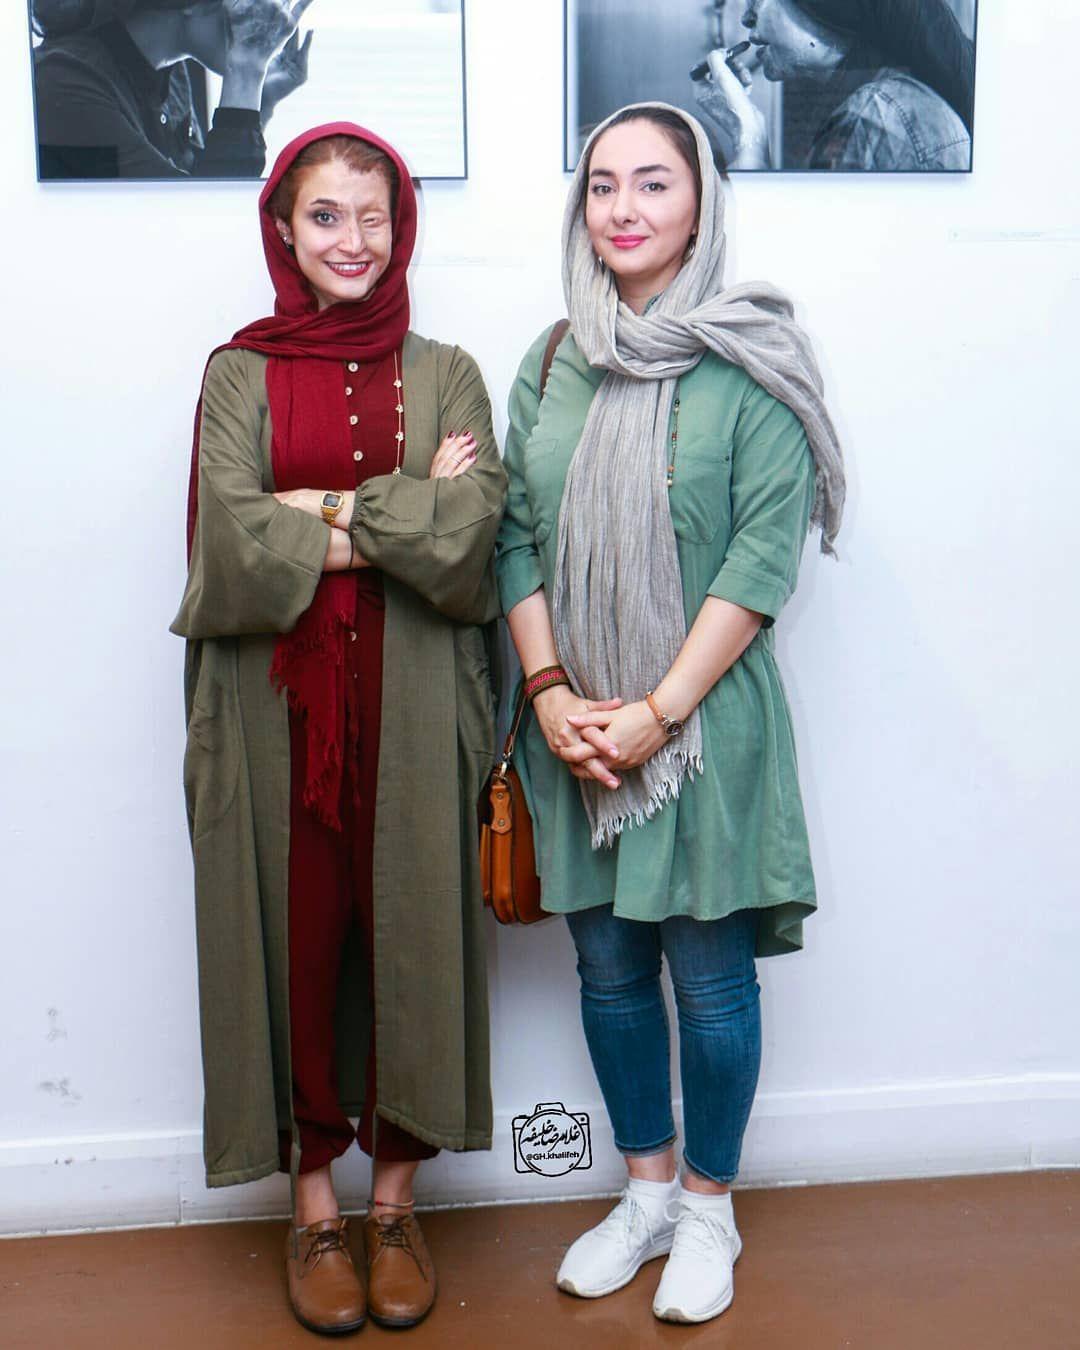 هانیه توسلی و مرضیه ابراهیمی Hanieh Tavassoli Iranian Women Fashion Persian Fashion Iranian Women